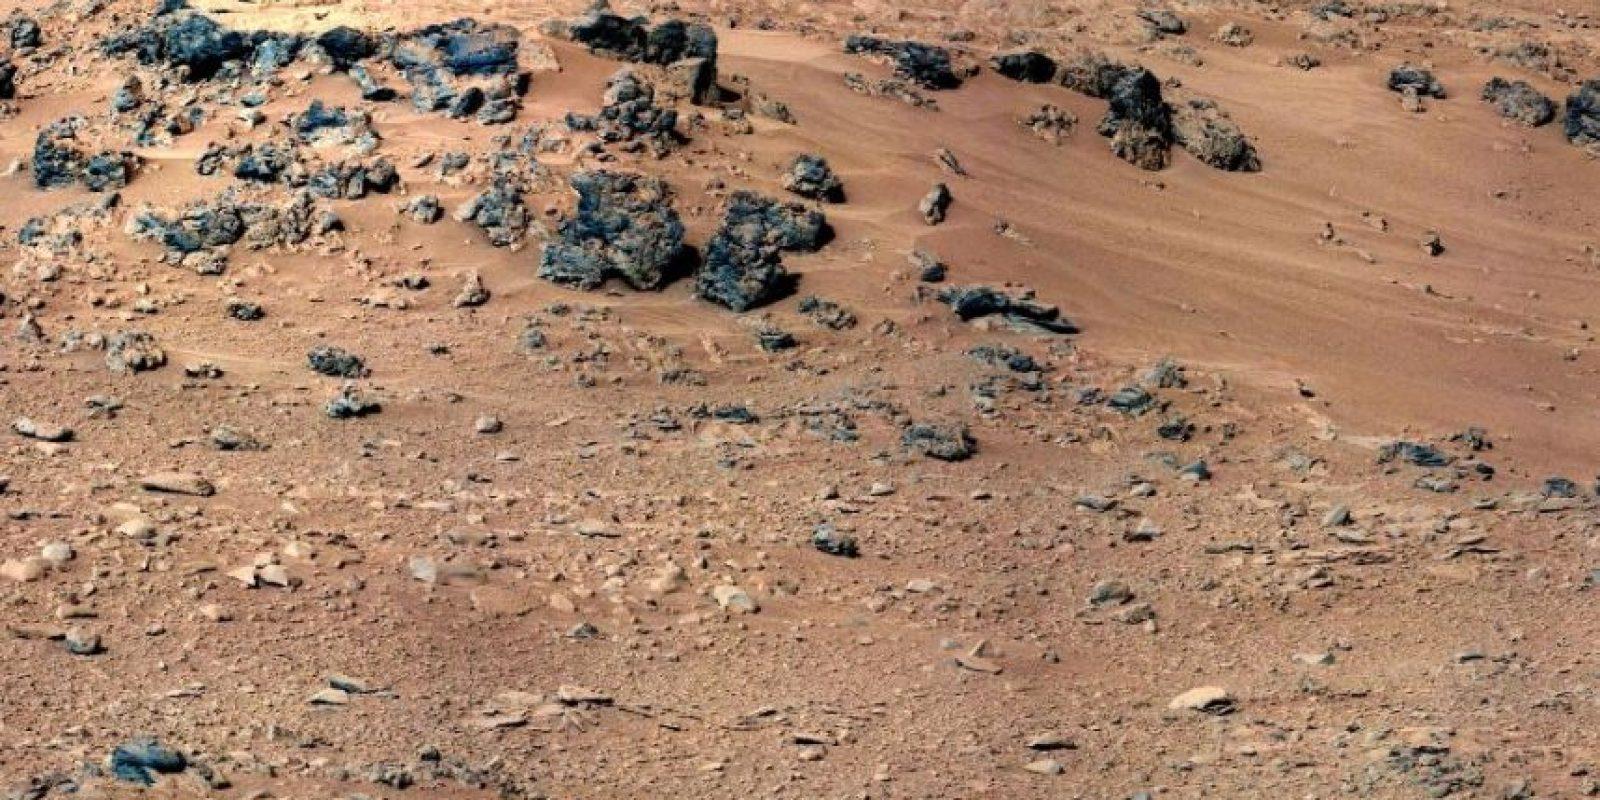 Fue descubierta en mayo de 2013. Foto:NASA. Foto original en http://www.nasa.gov/mission_pages/msl/multimedia/pia16204.html